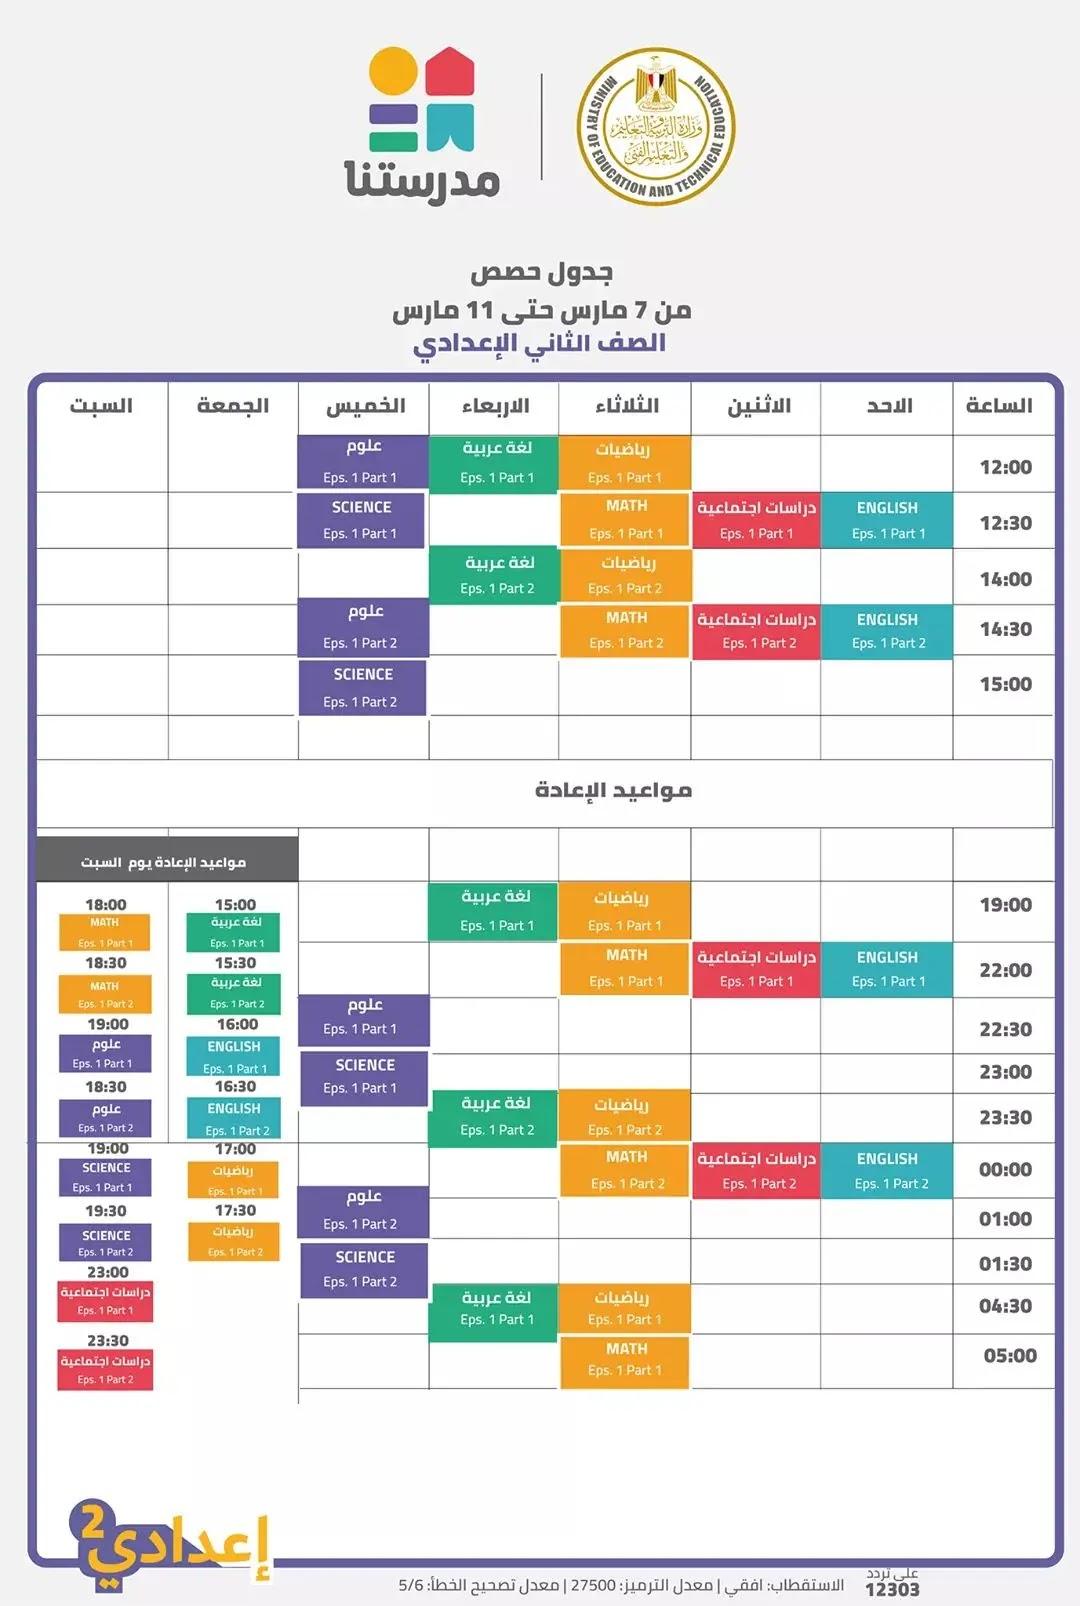 جدول قناة مدرستنا الصف الثاني الاعدادي الفترة 7 الي 11 مارس